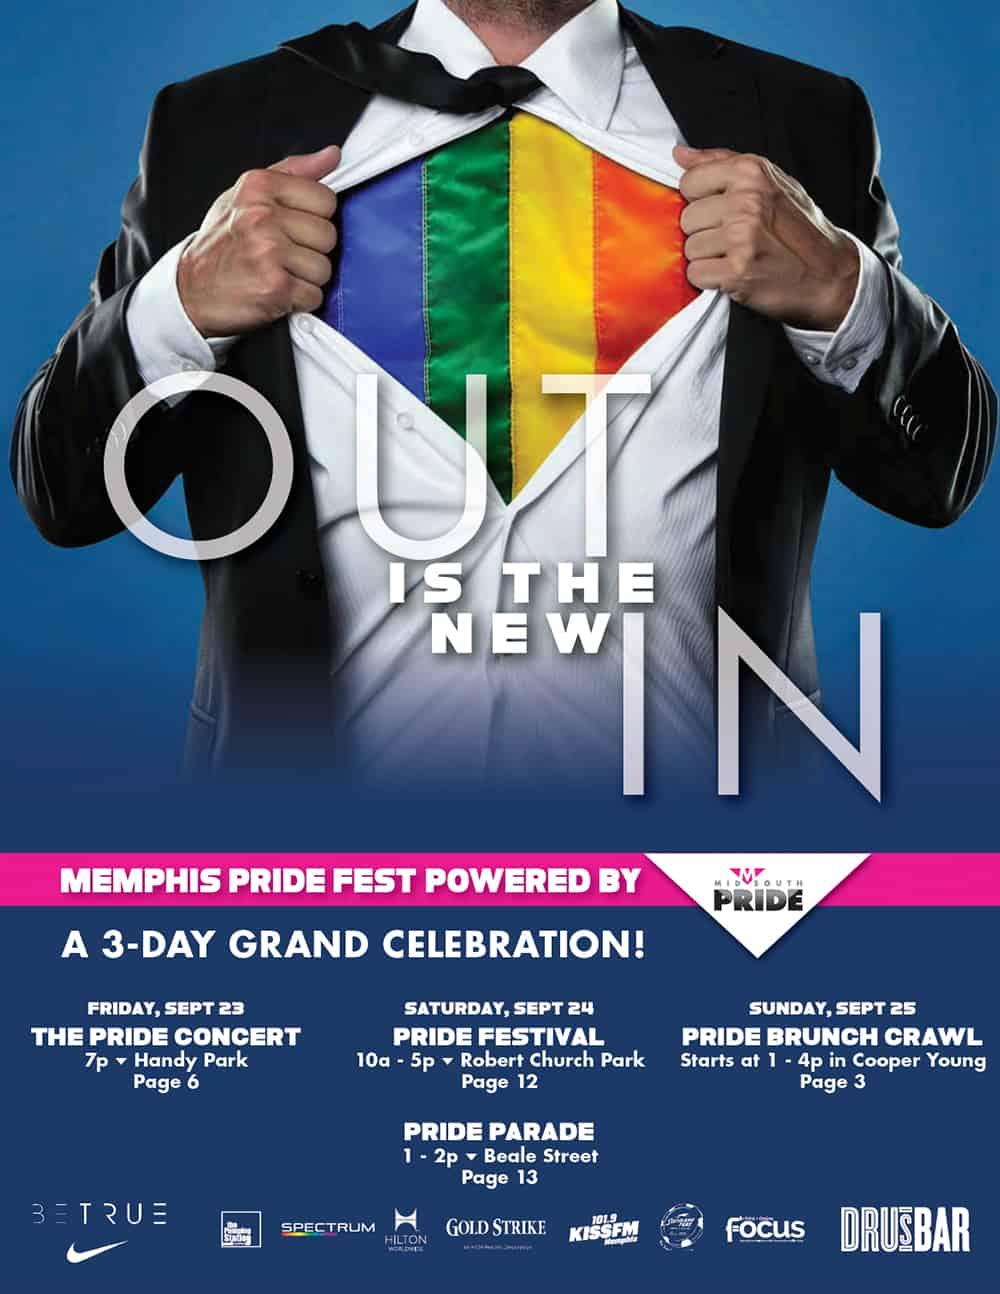 2016 Pride Guide